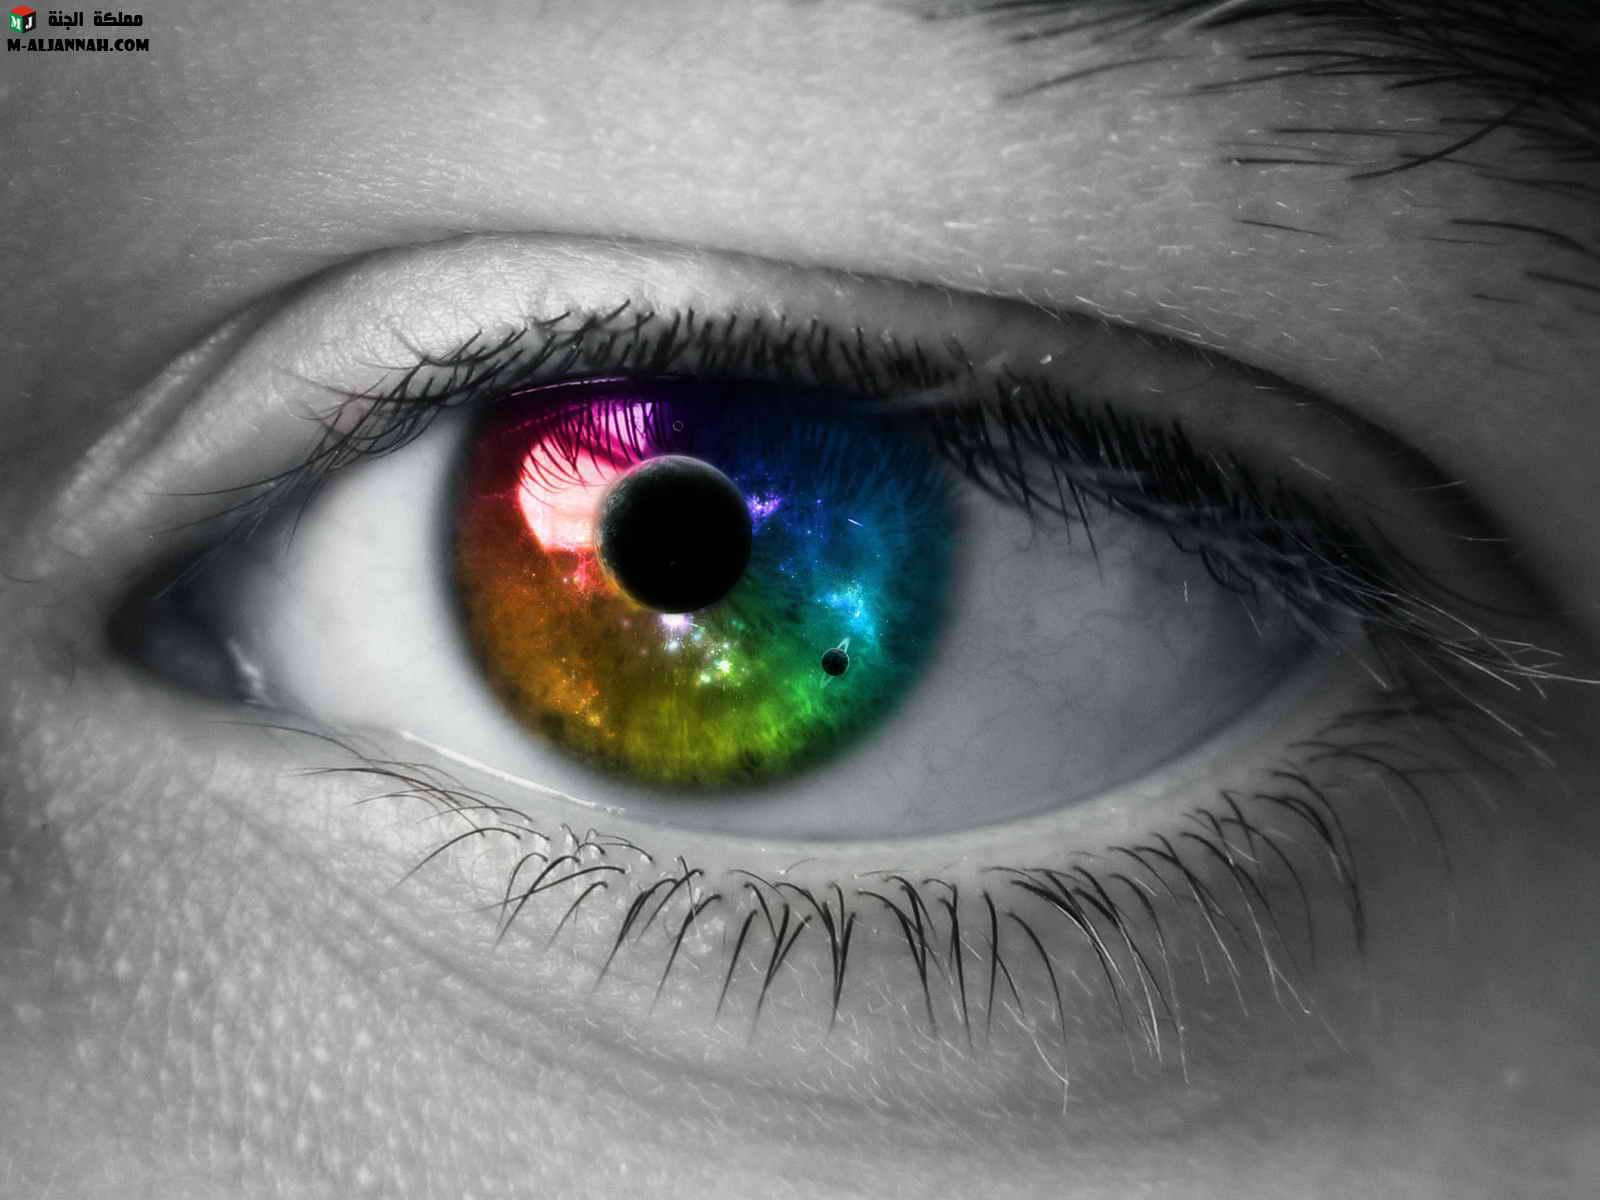 العين....سؤال الطبيعيه والبيئيه 13483481861.jpg